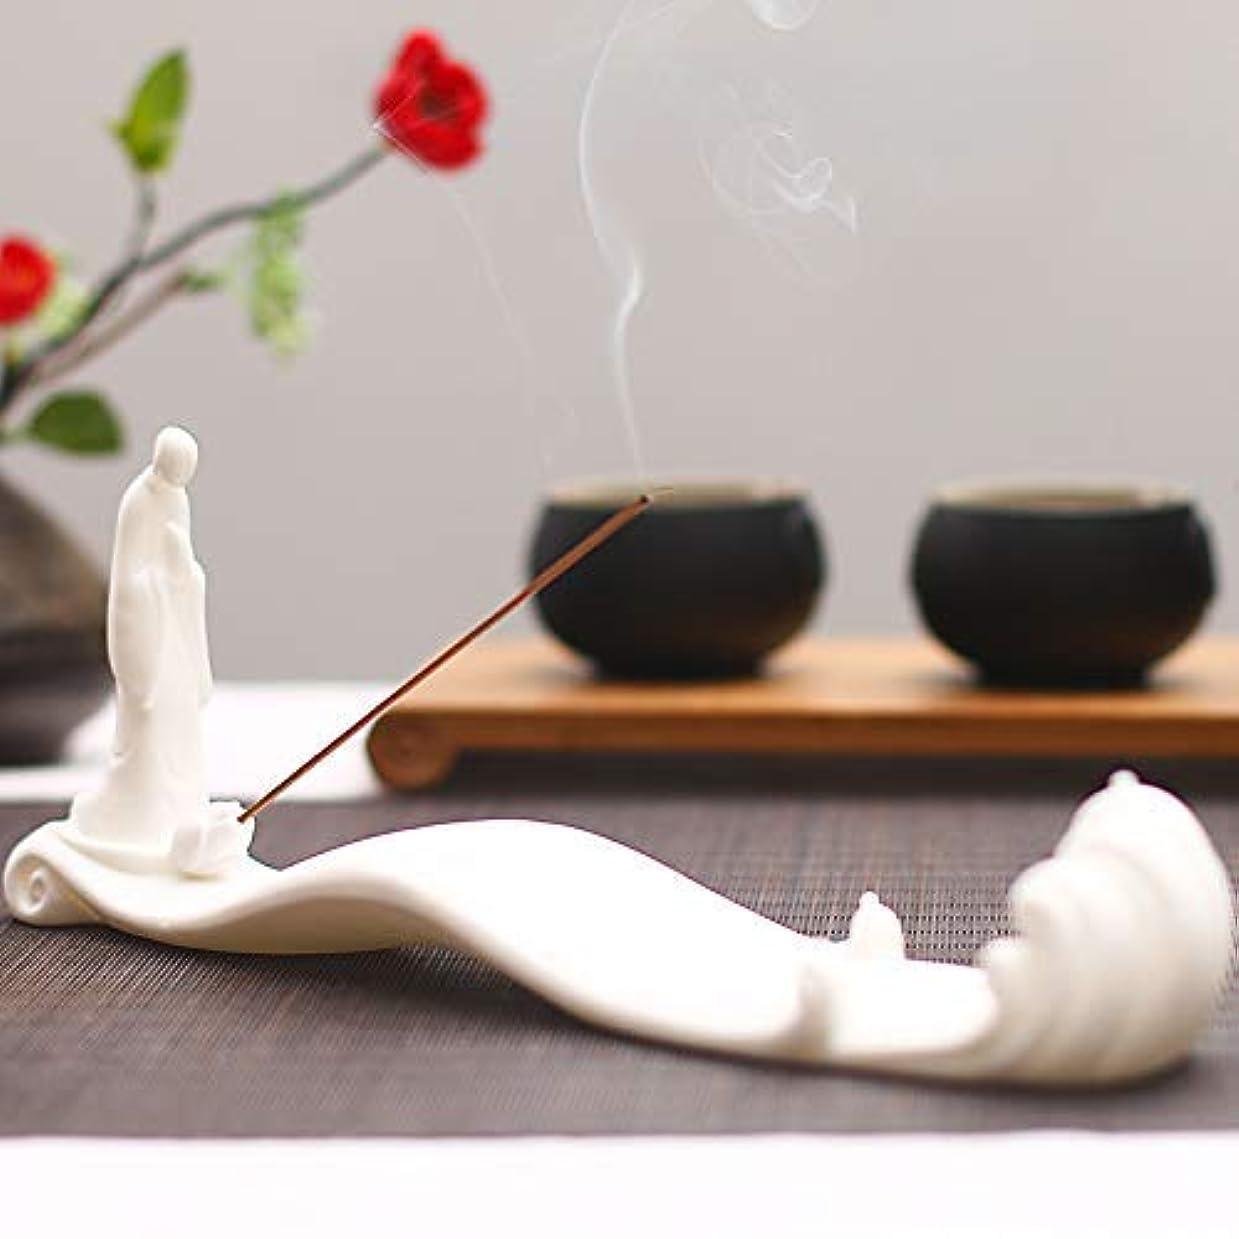 不適切なセッションシャックルPHILOGOD 香炉 陶器線香香立て モンク潮を見てモデリング仏壇 お香 ホルダー